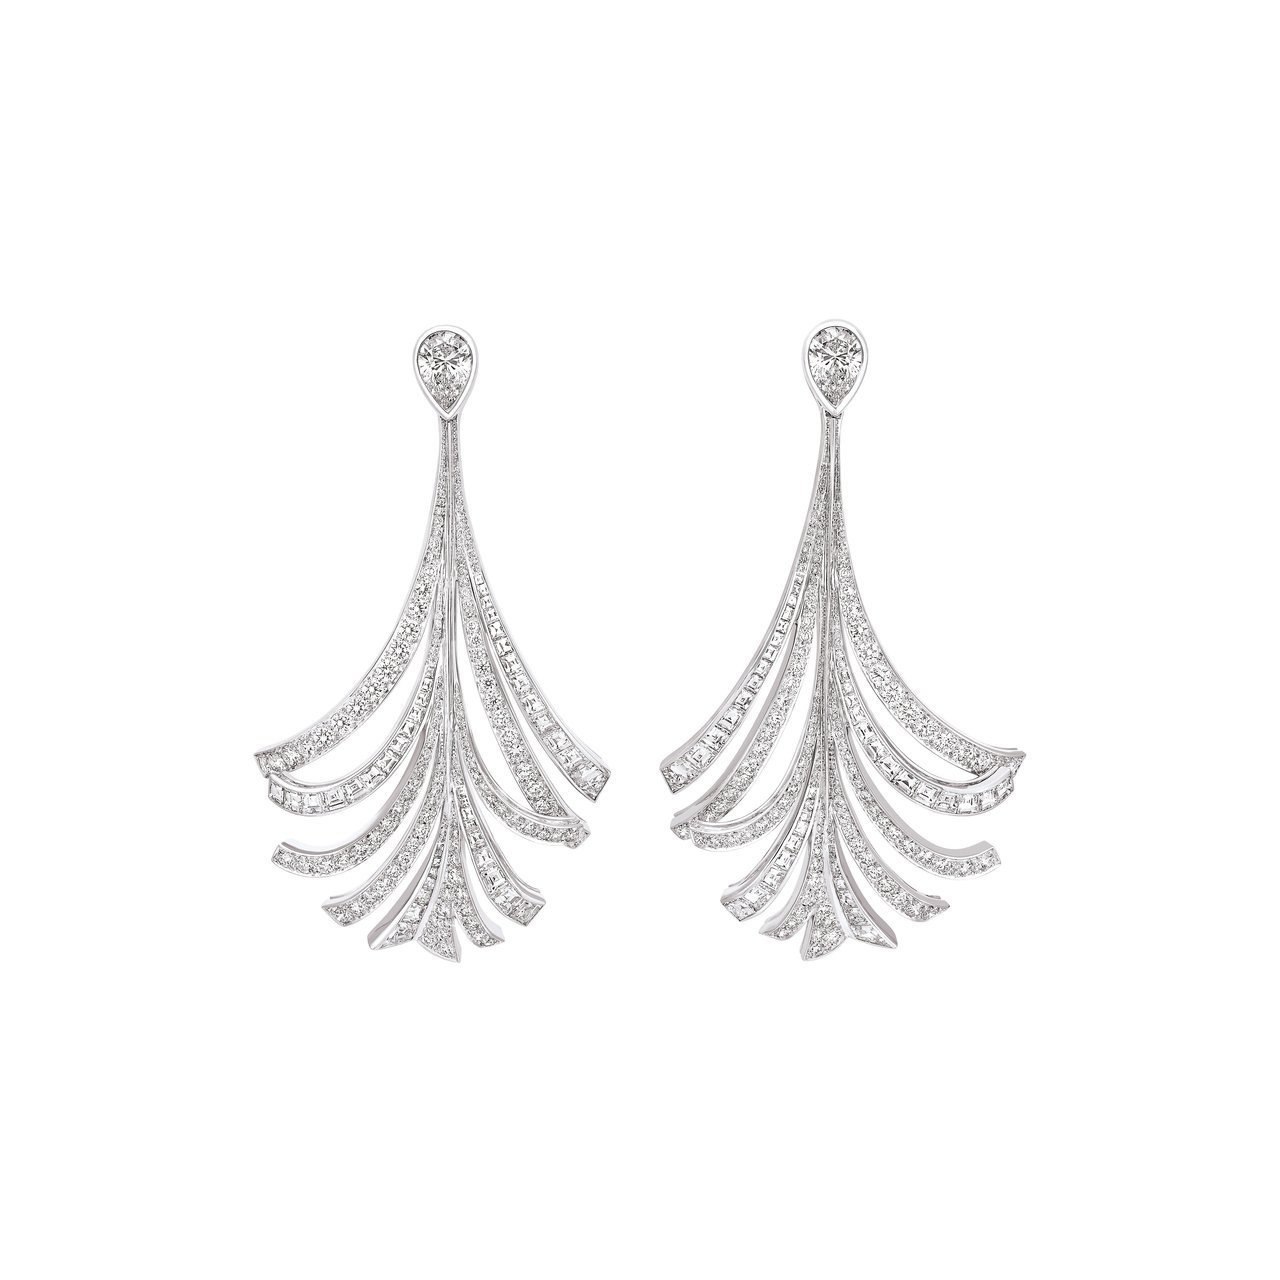 香奈兒品牌大使瑪格羅比配戴的Panache羽飾鑽石耳環,18K白金鑲嵌2顆各1....